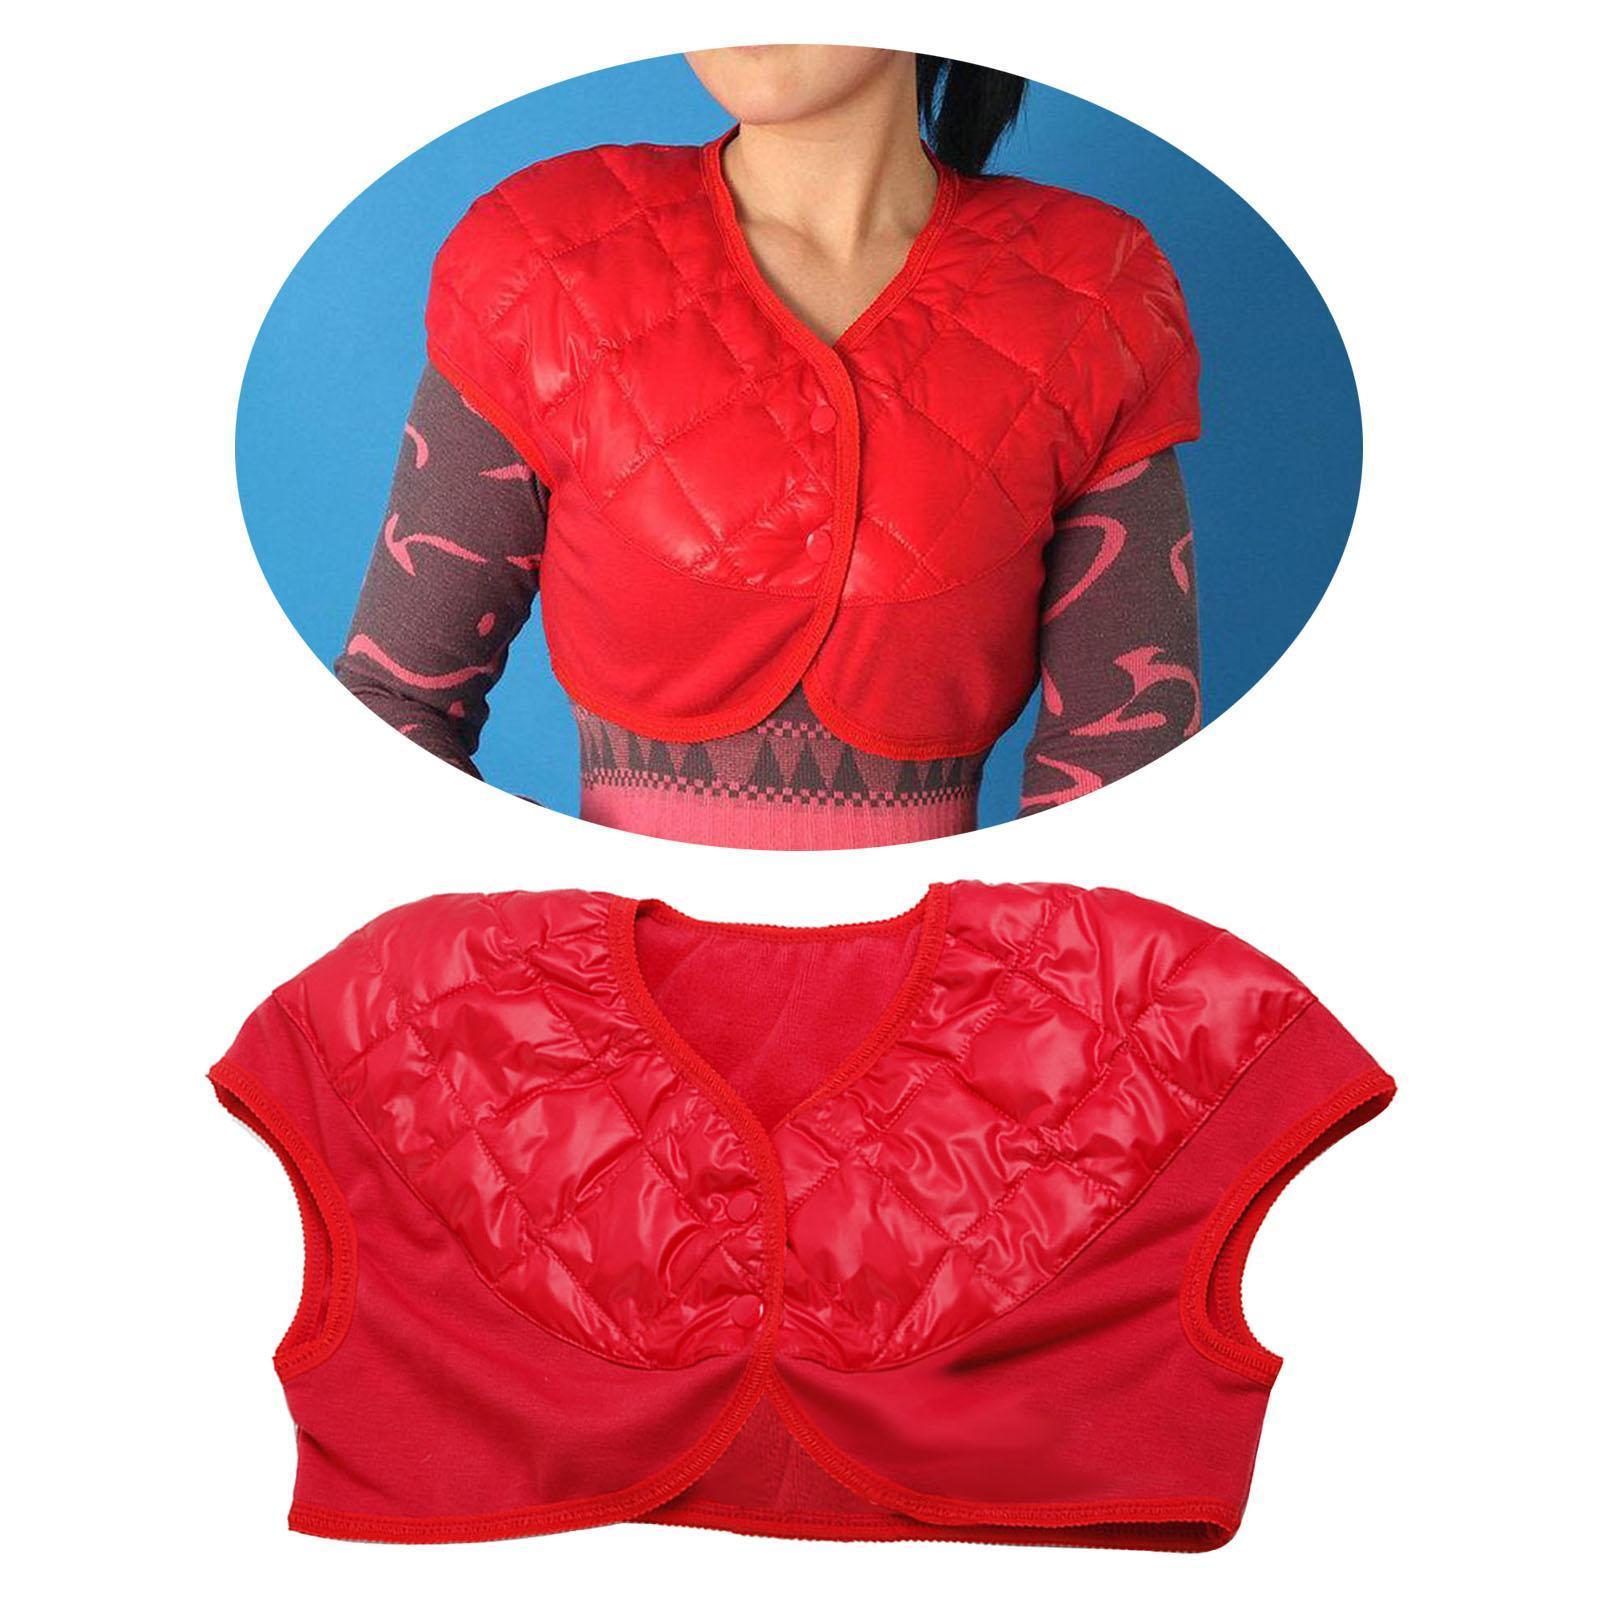 Femmes-Hommes-Down-Jacket-Chaud-Manteau-Court-Epaule-Chaud-Thermique-Wrap miniatura 28